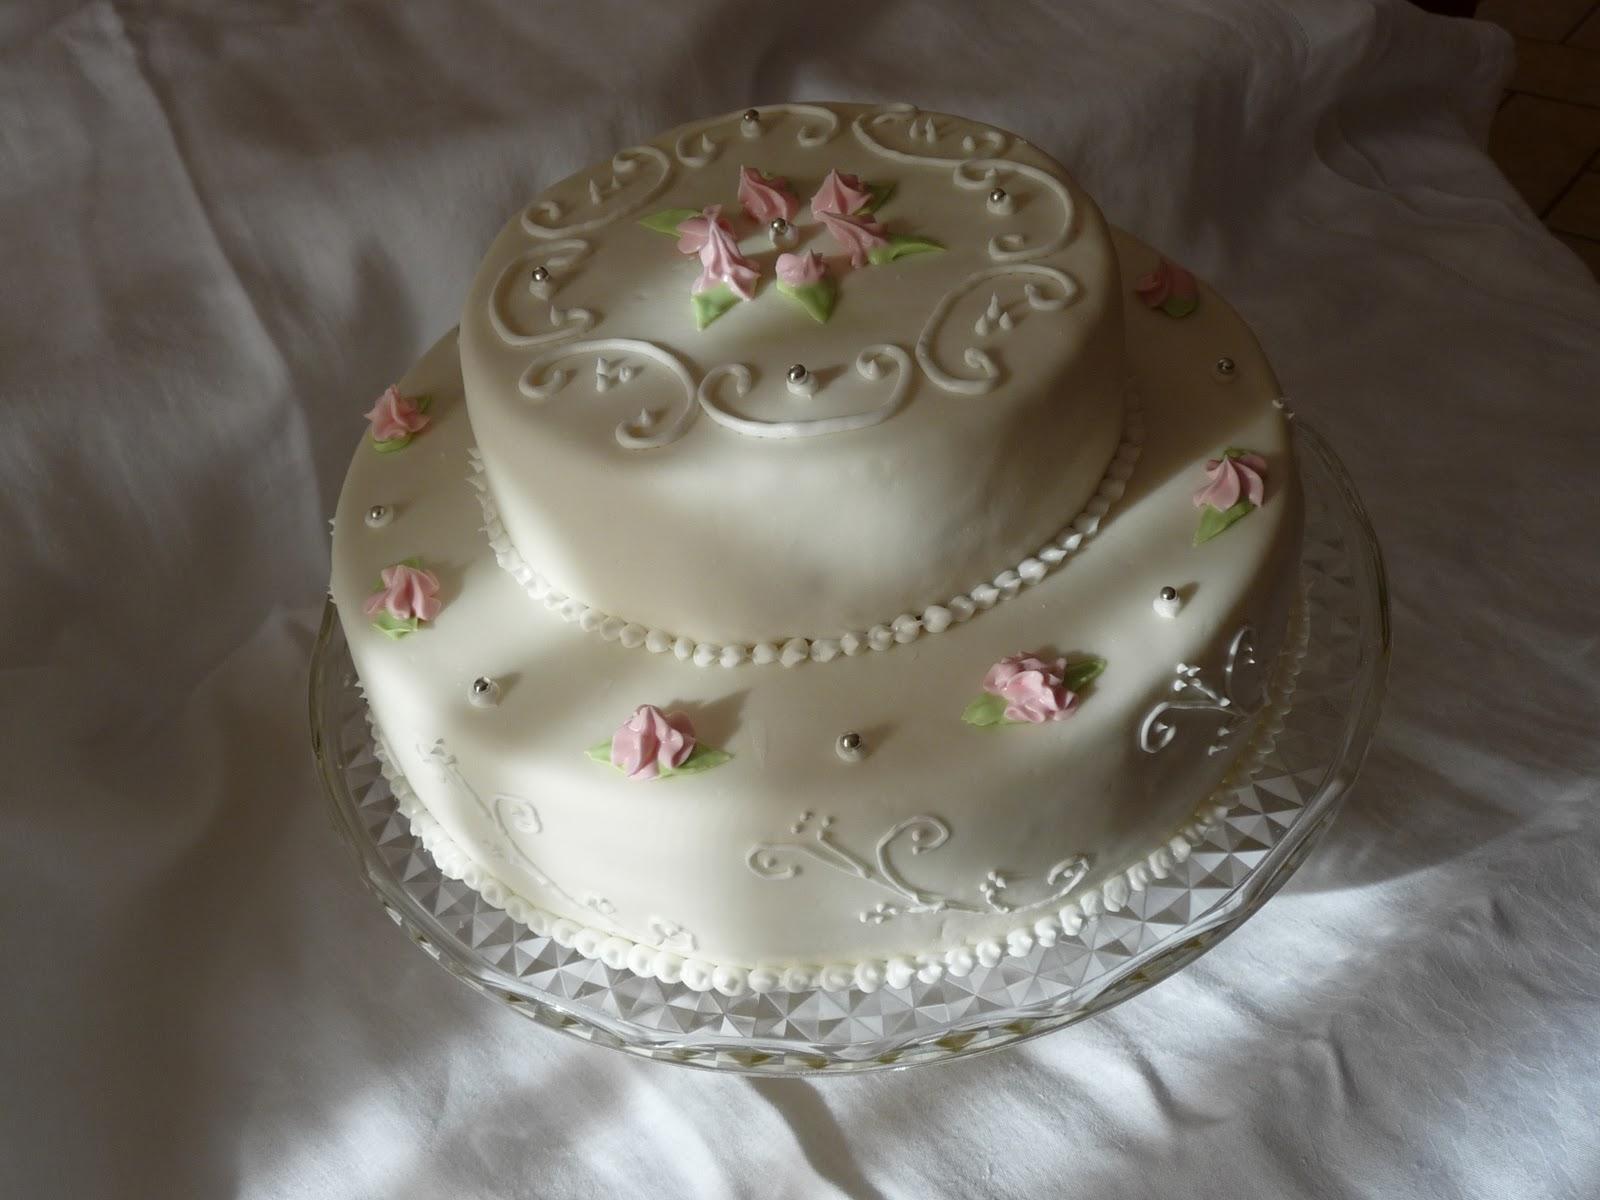 Interesting decorazioni per torte con glassa reale le - Decorazioni torte con glassa ...